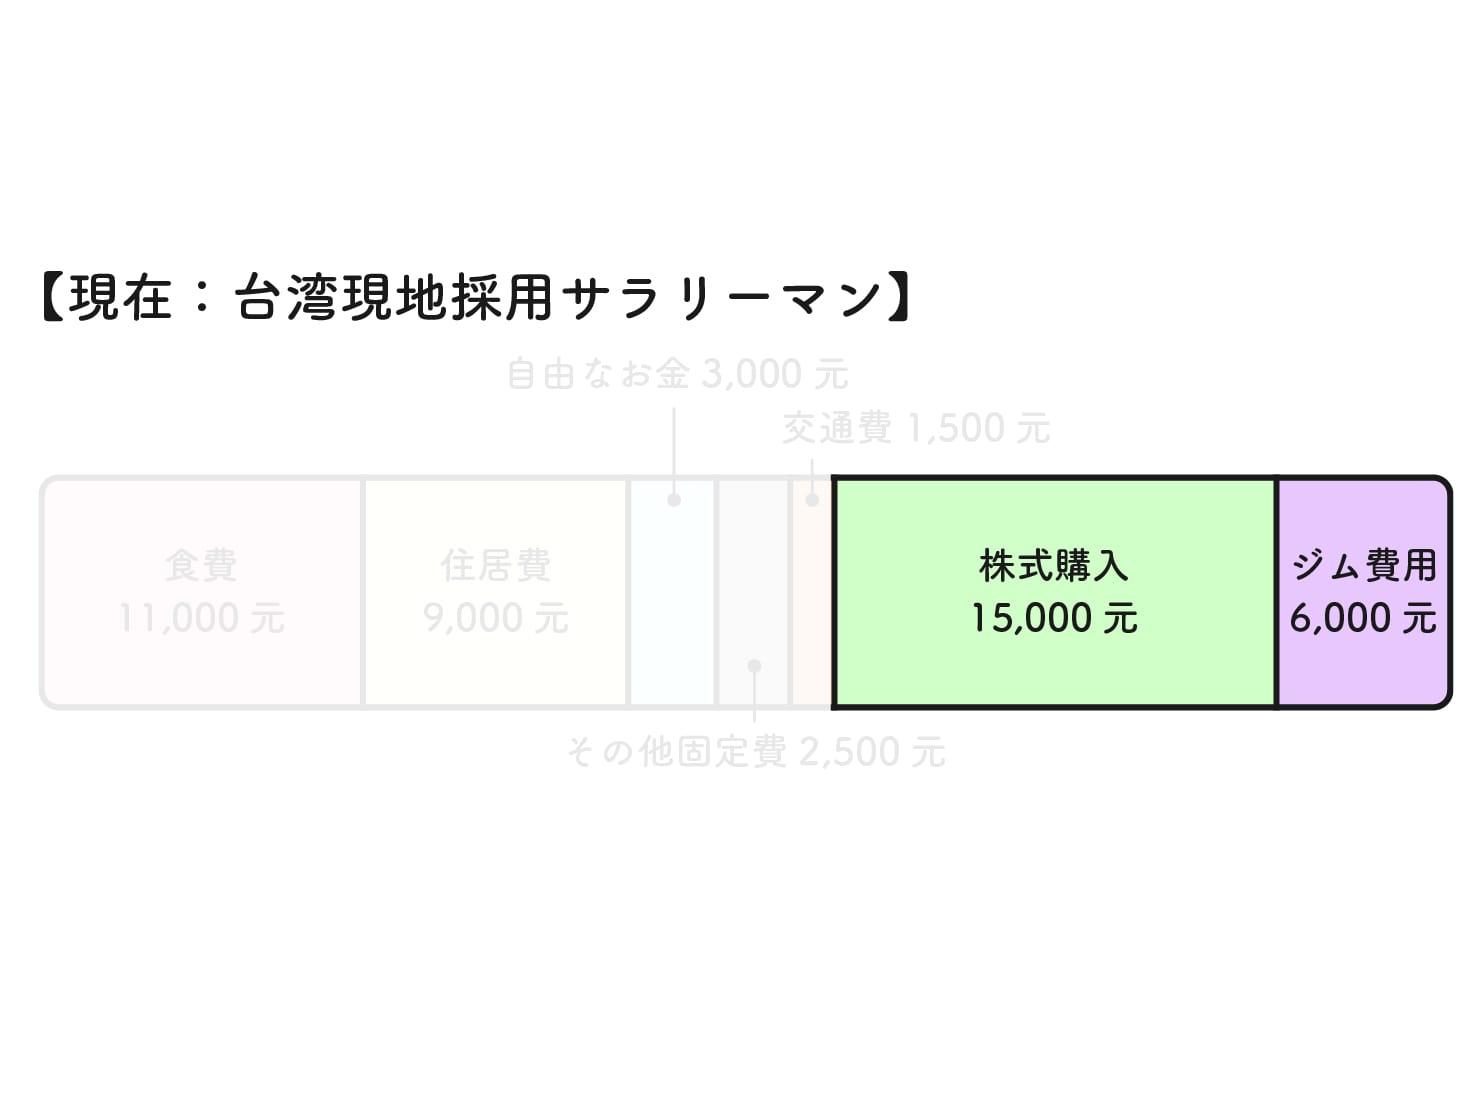 31歳日本男子の台湾での生活費グラフ(株式購入+ジム費用)